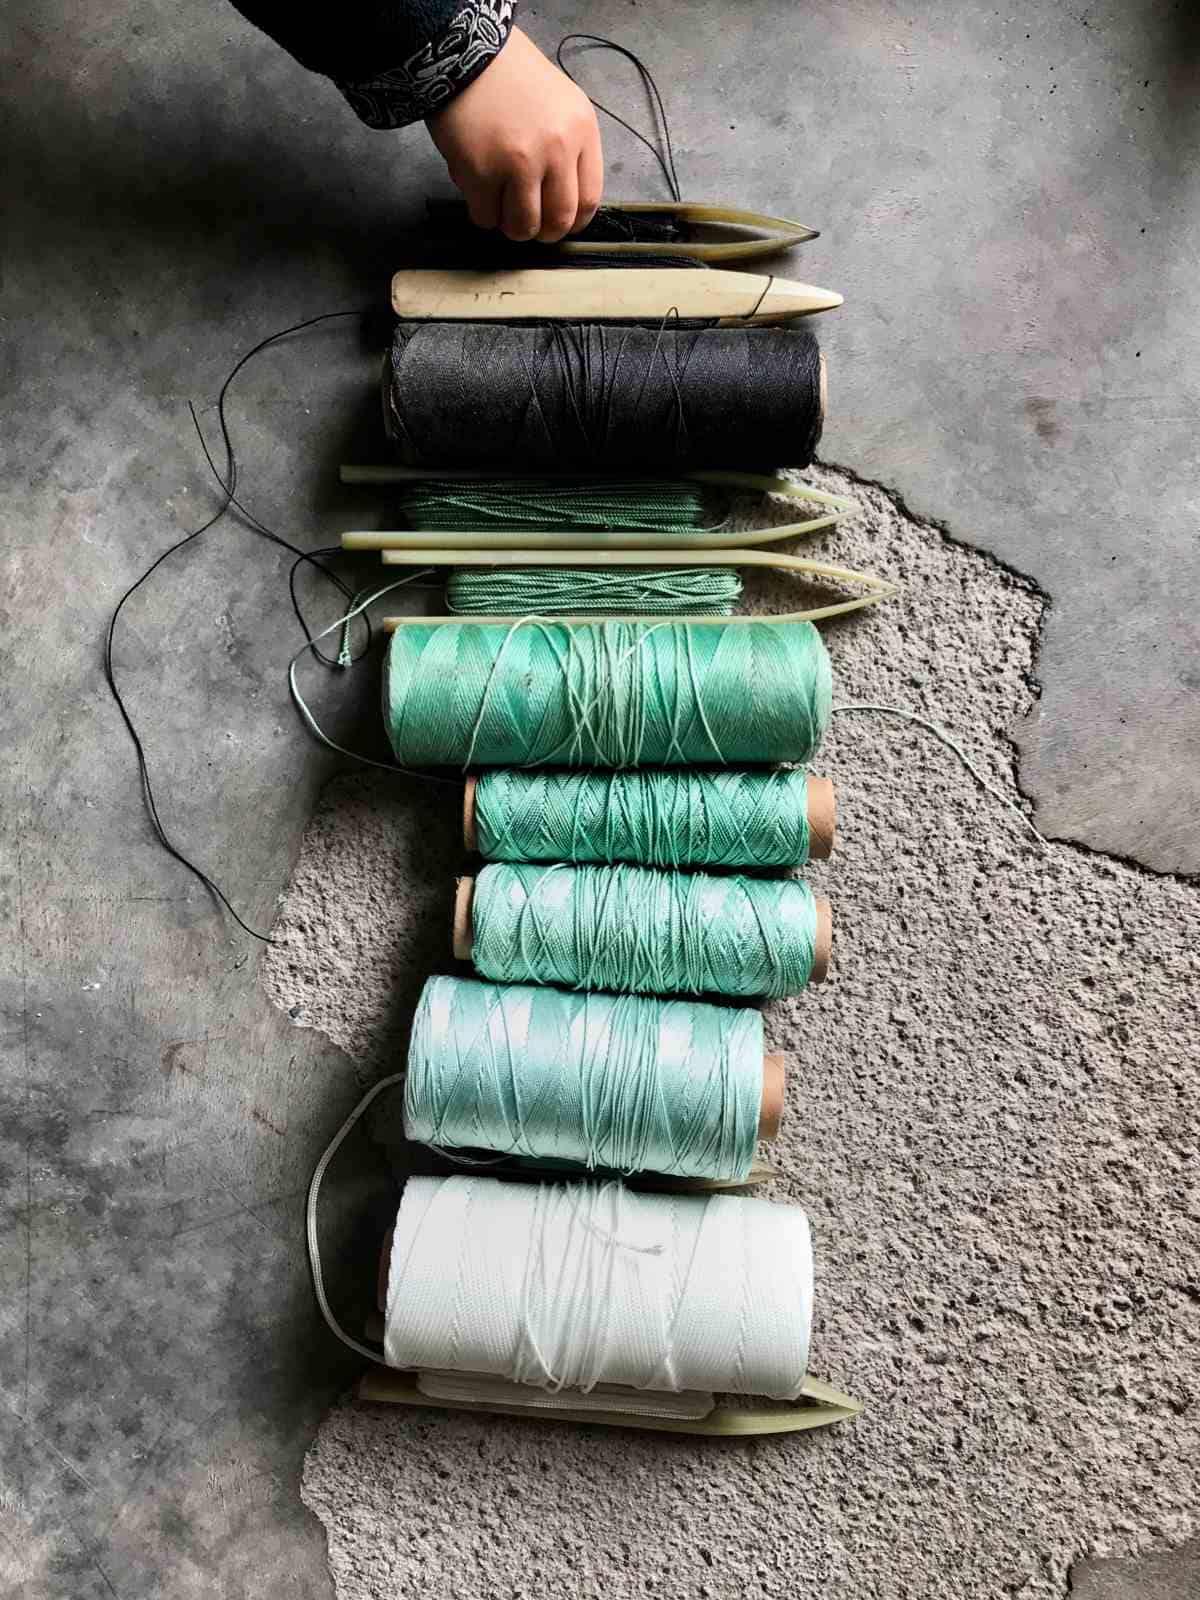 Spools of fishing net thread.